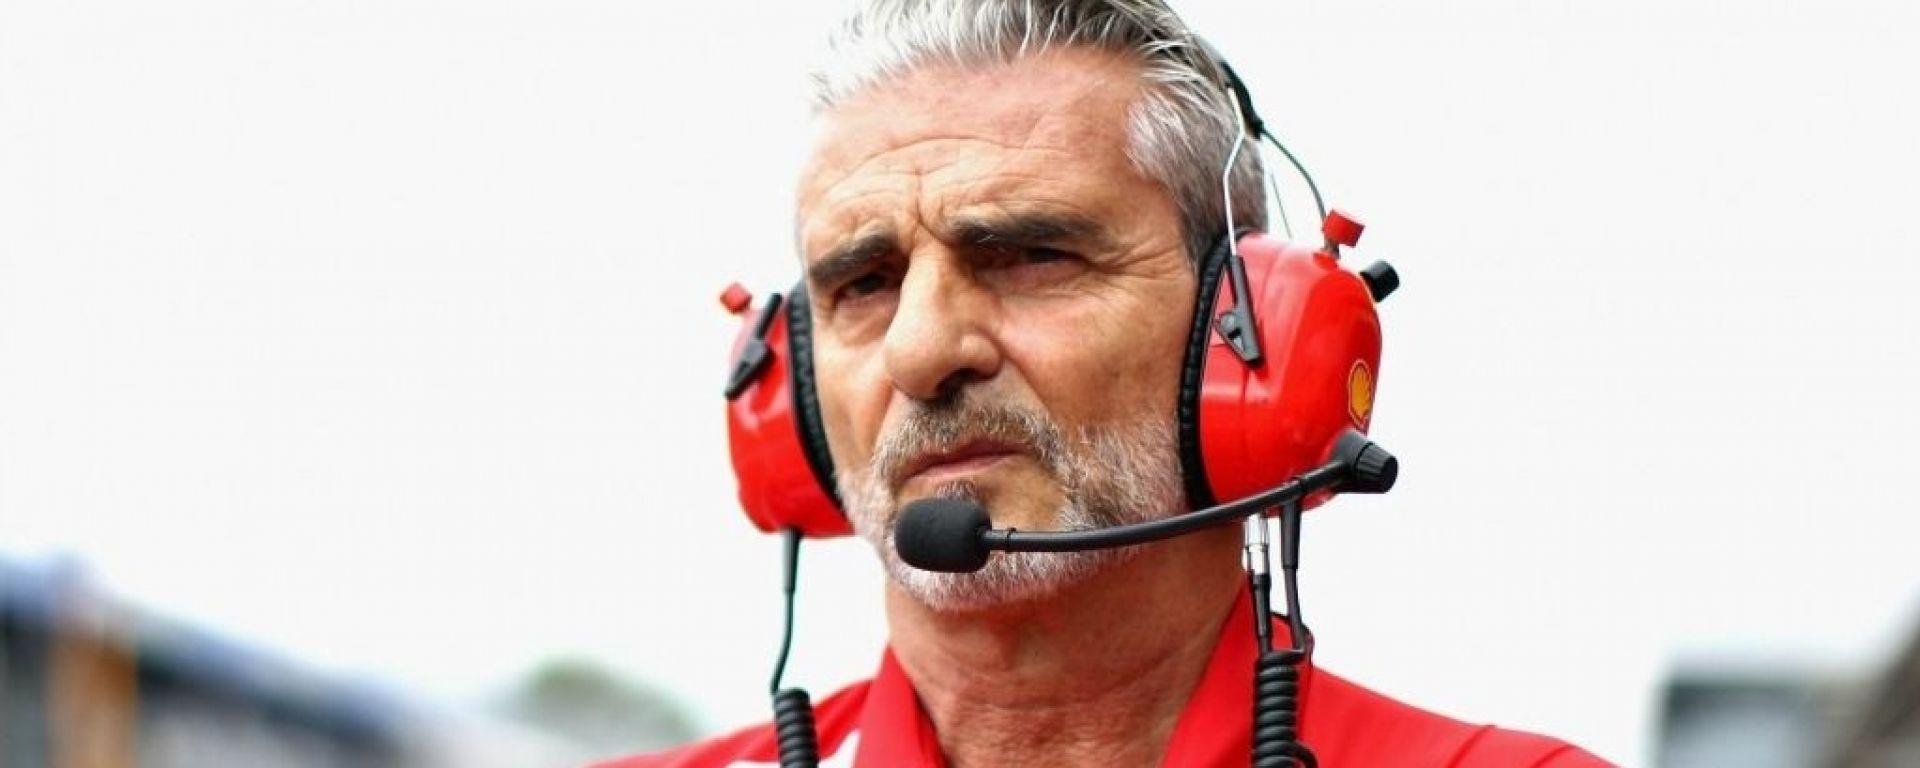 Maurizio Arrivabene, team principal della Ferrari